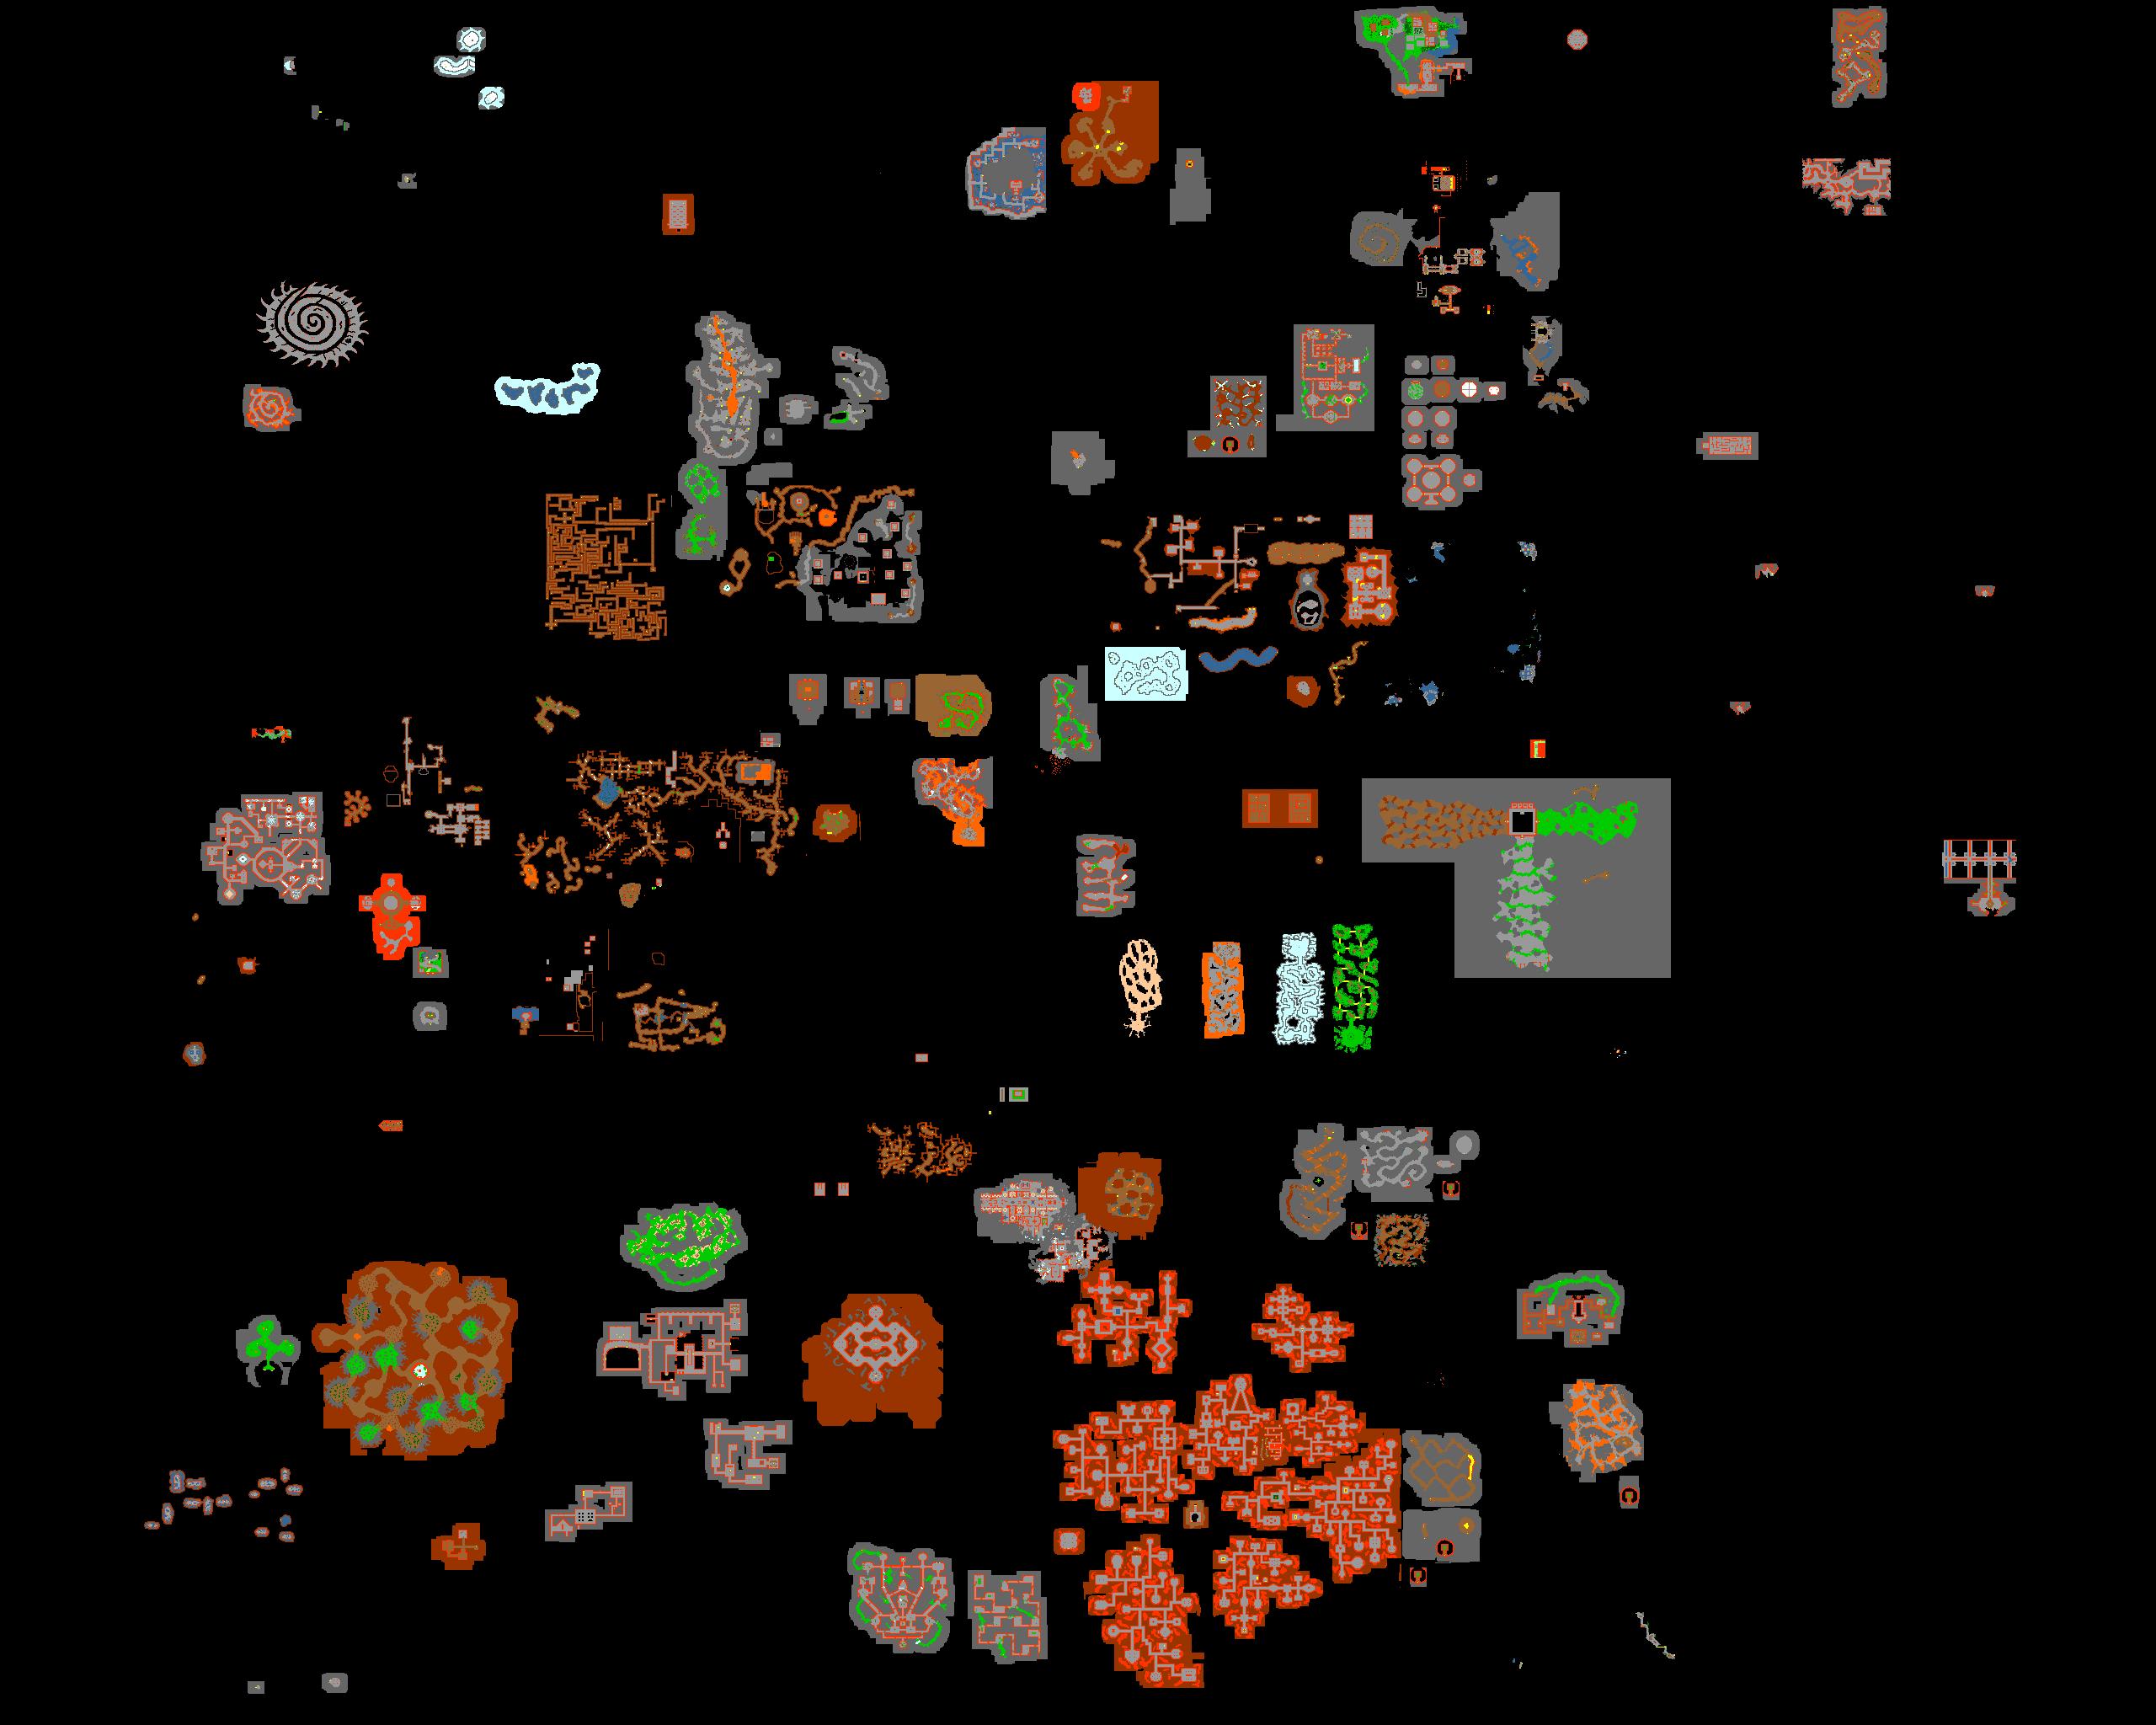 ... Https://tibiamaps.github.io/tibia Map Data/floor 13 Map.png ...